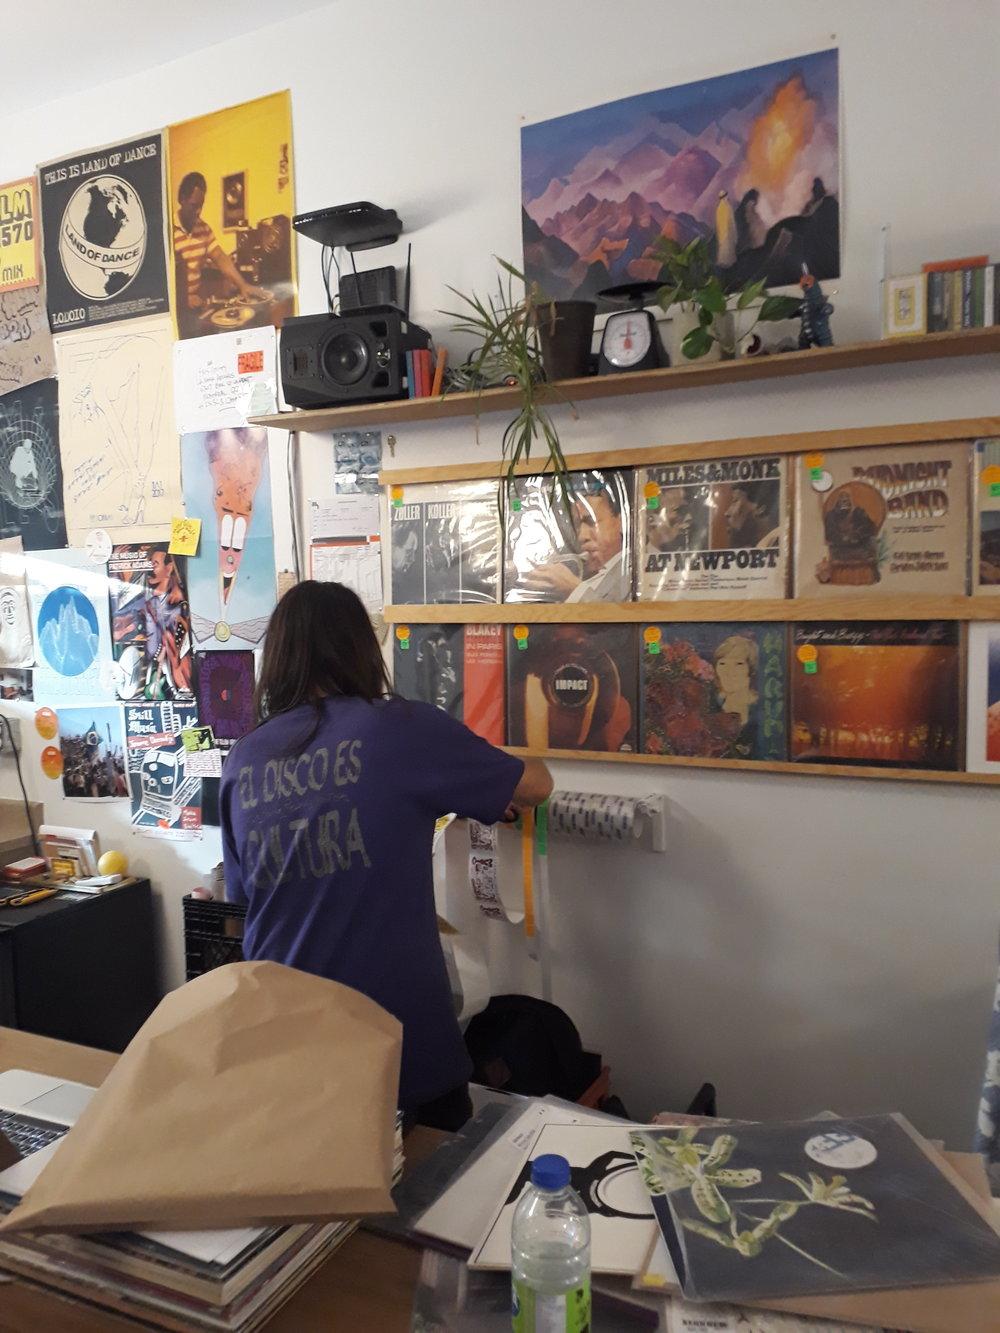 Kris Guilty, mostrandonos el lema de La Rama Records